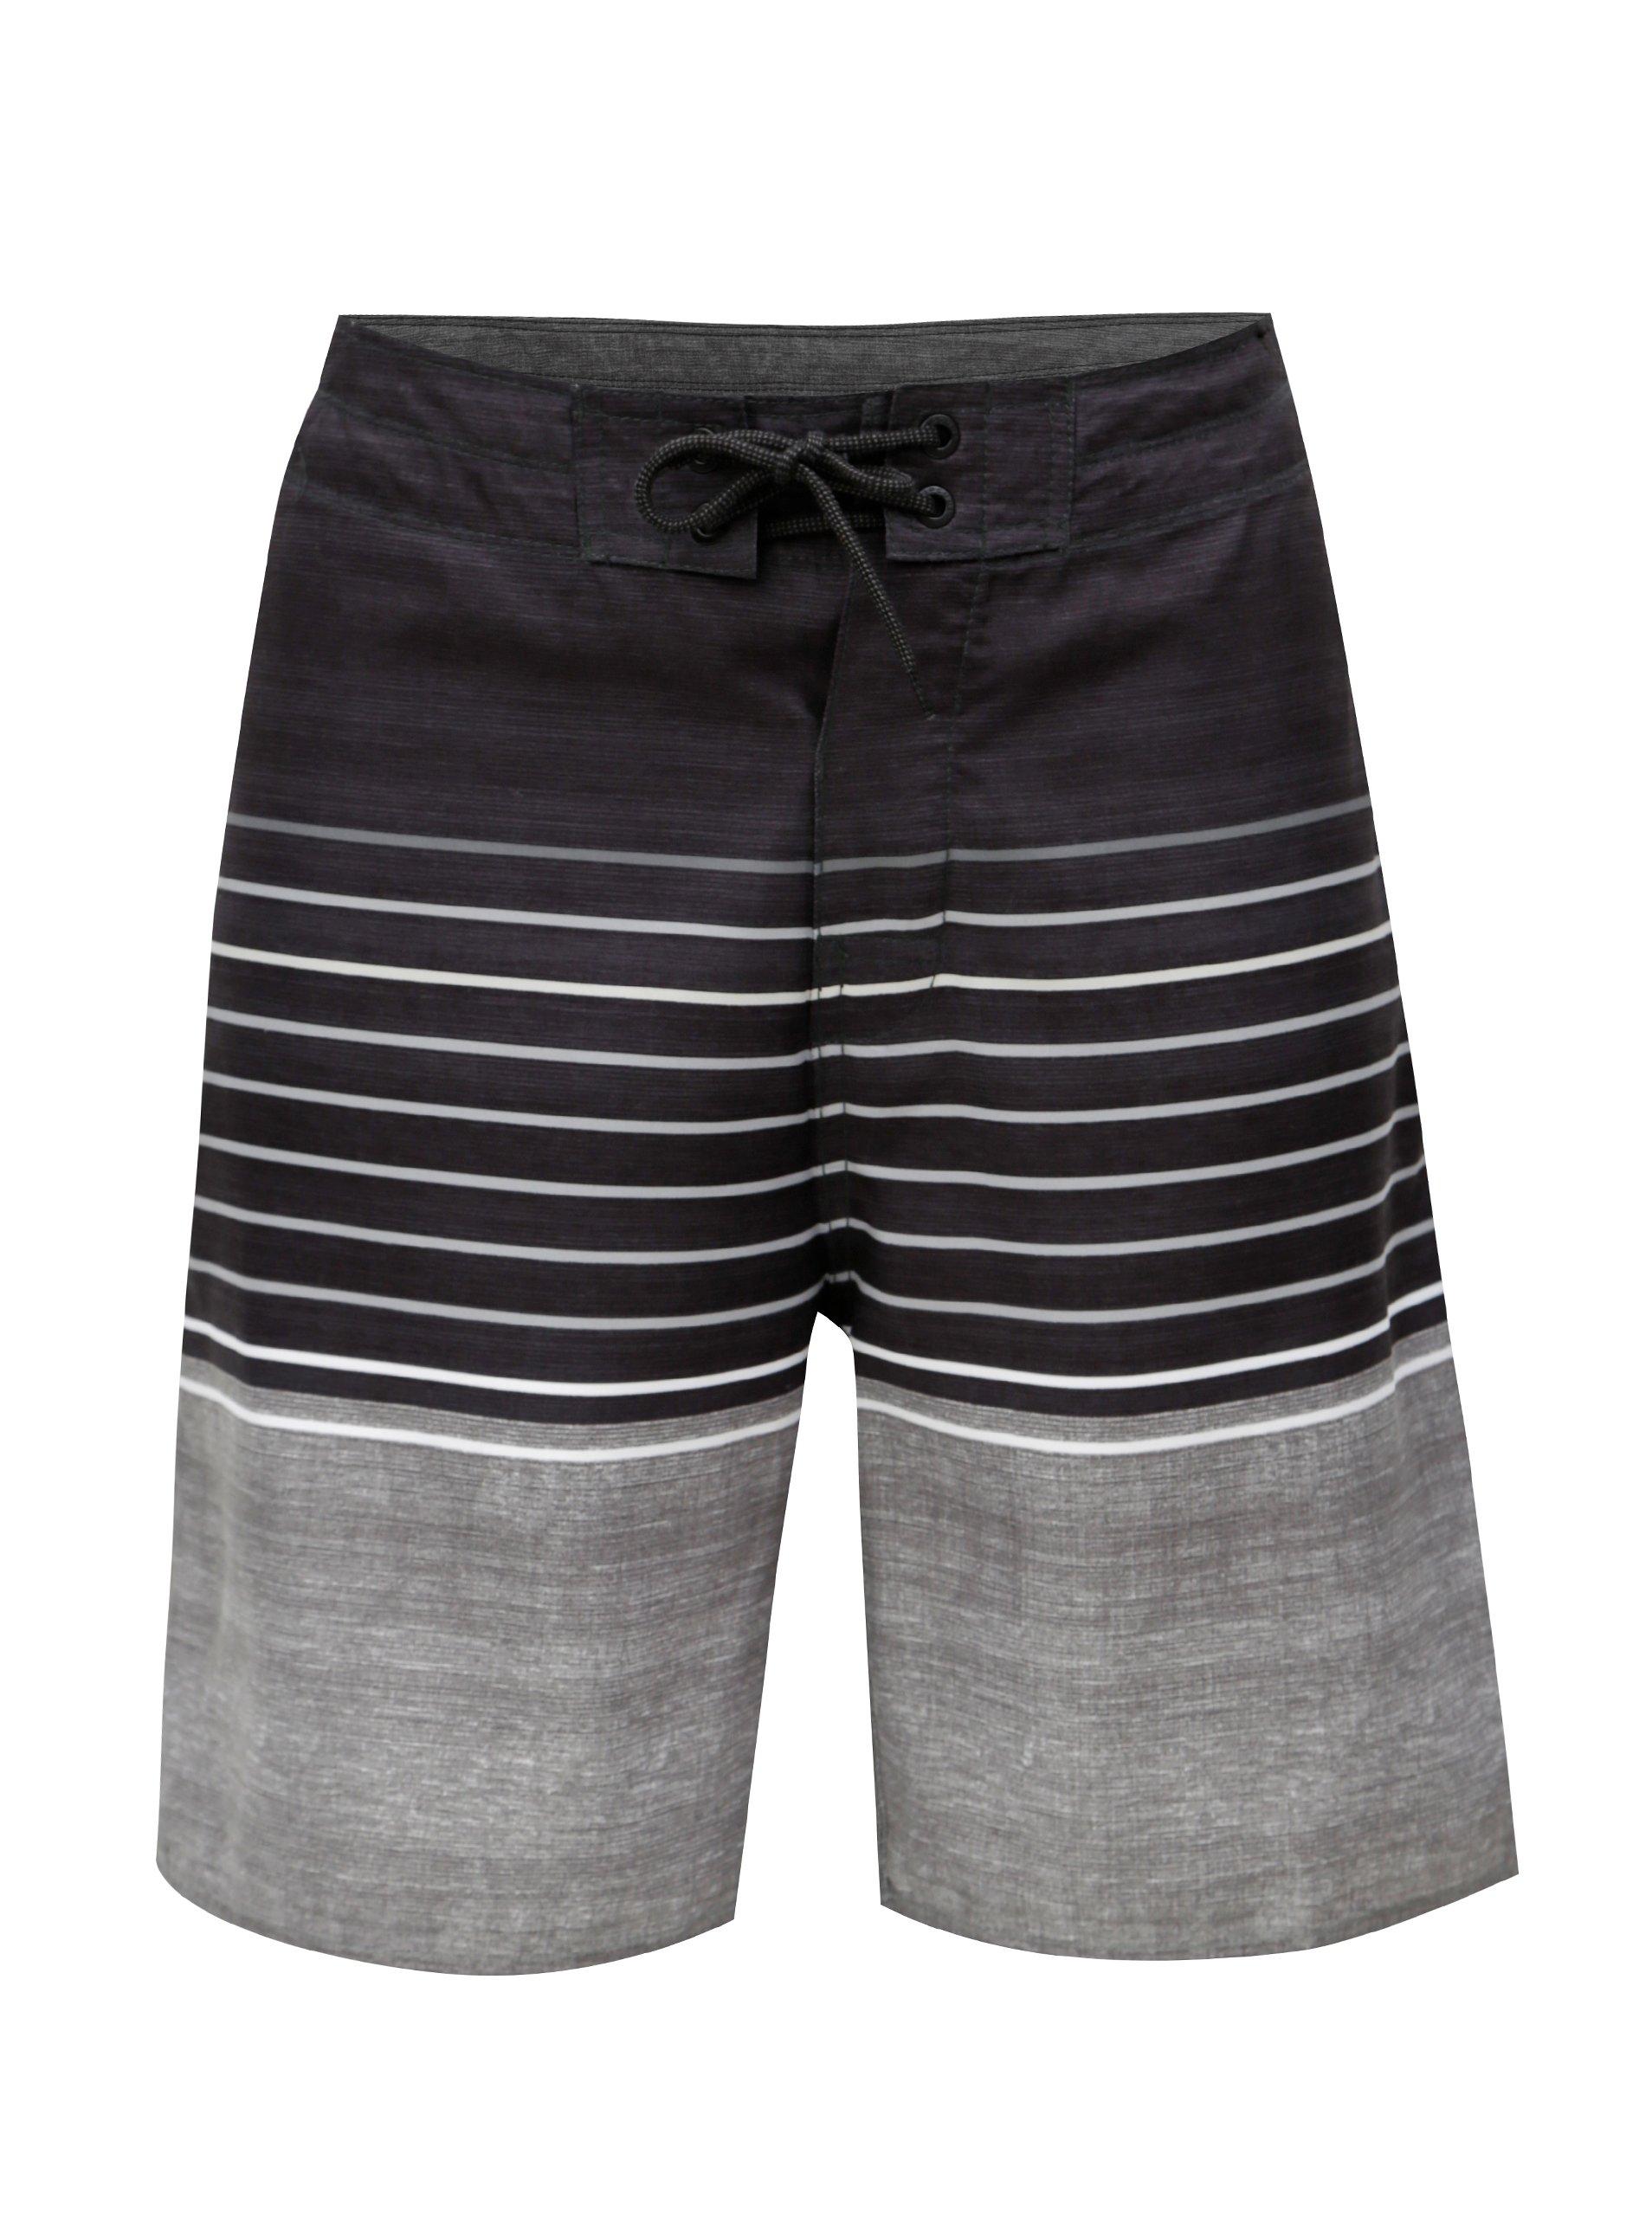 Tmavě šedé pánské pruhované plavky Rip Curl